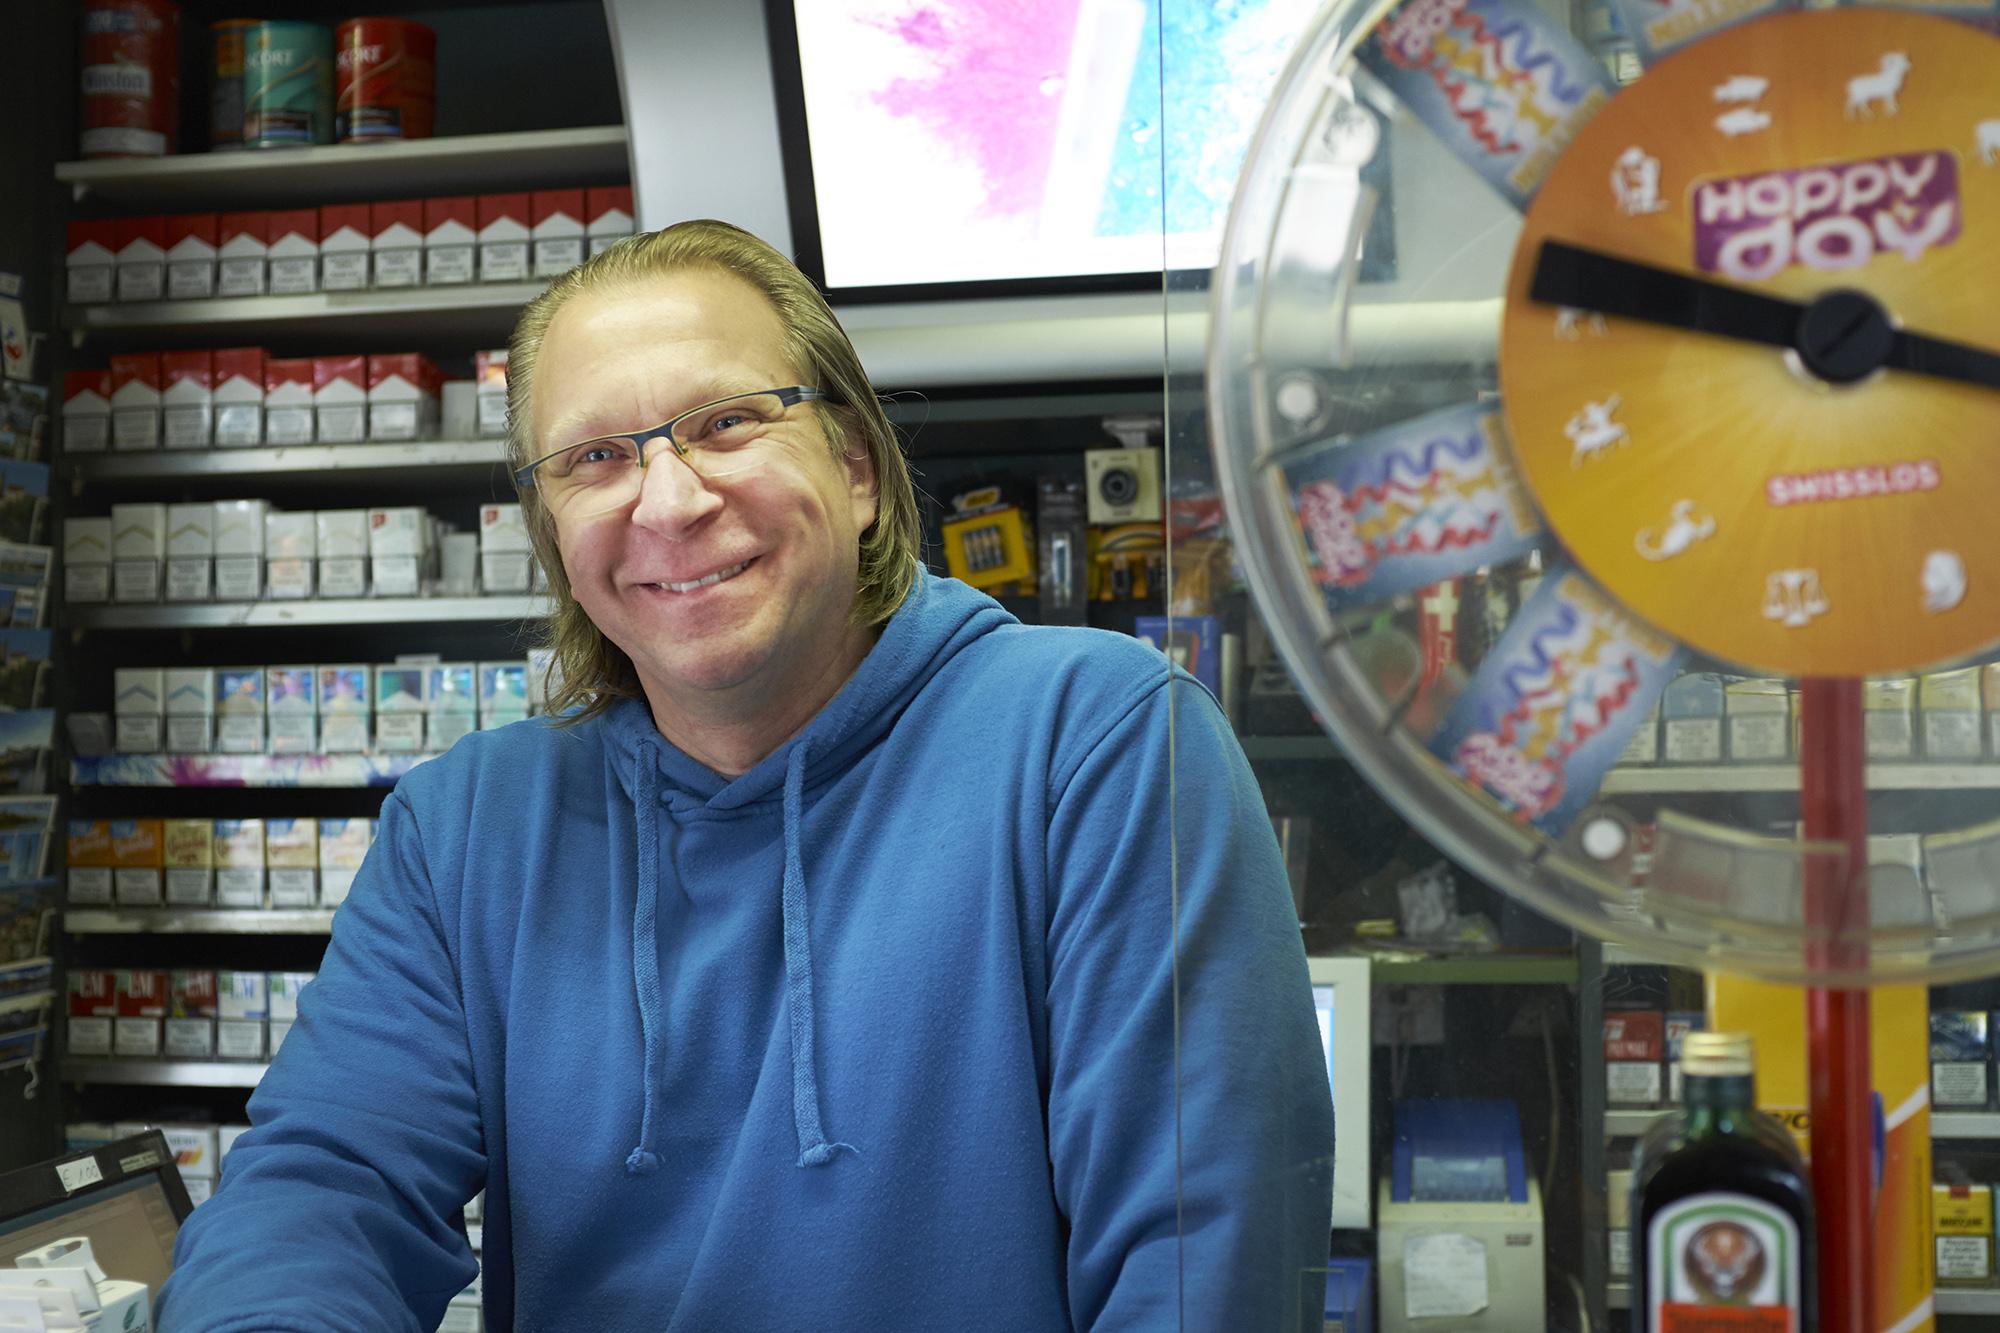 «Zeitungen an den Mann zu bringen, wird immer schwieriger», sagt der Kioskbesitzer Kurt Gasser.